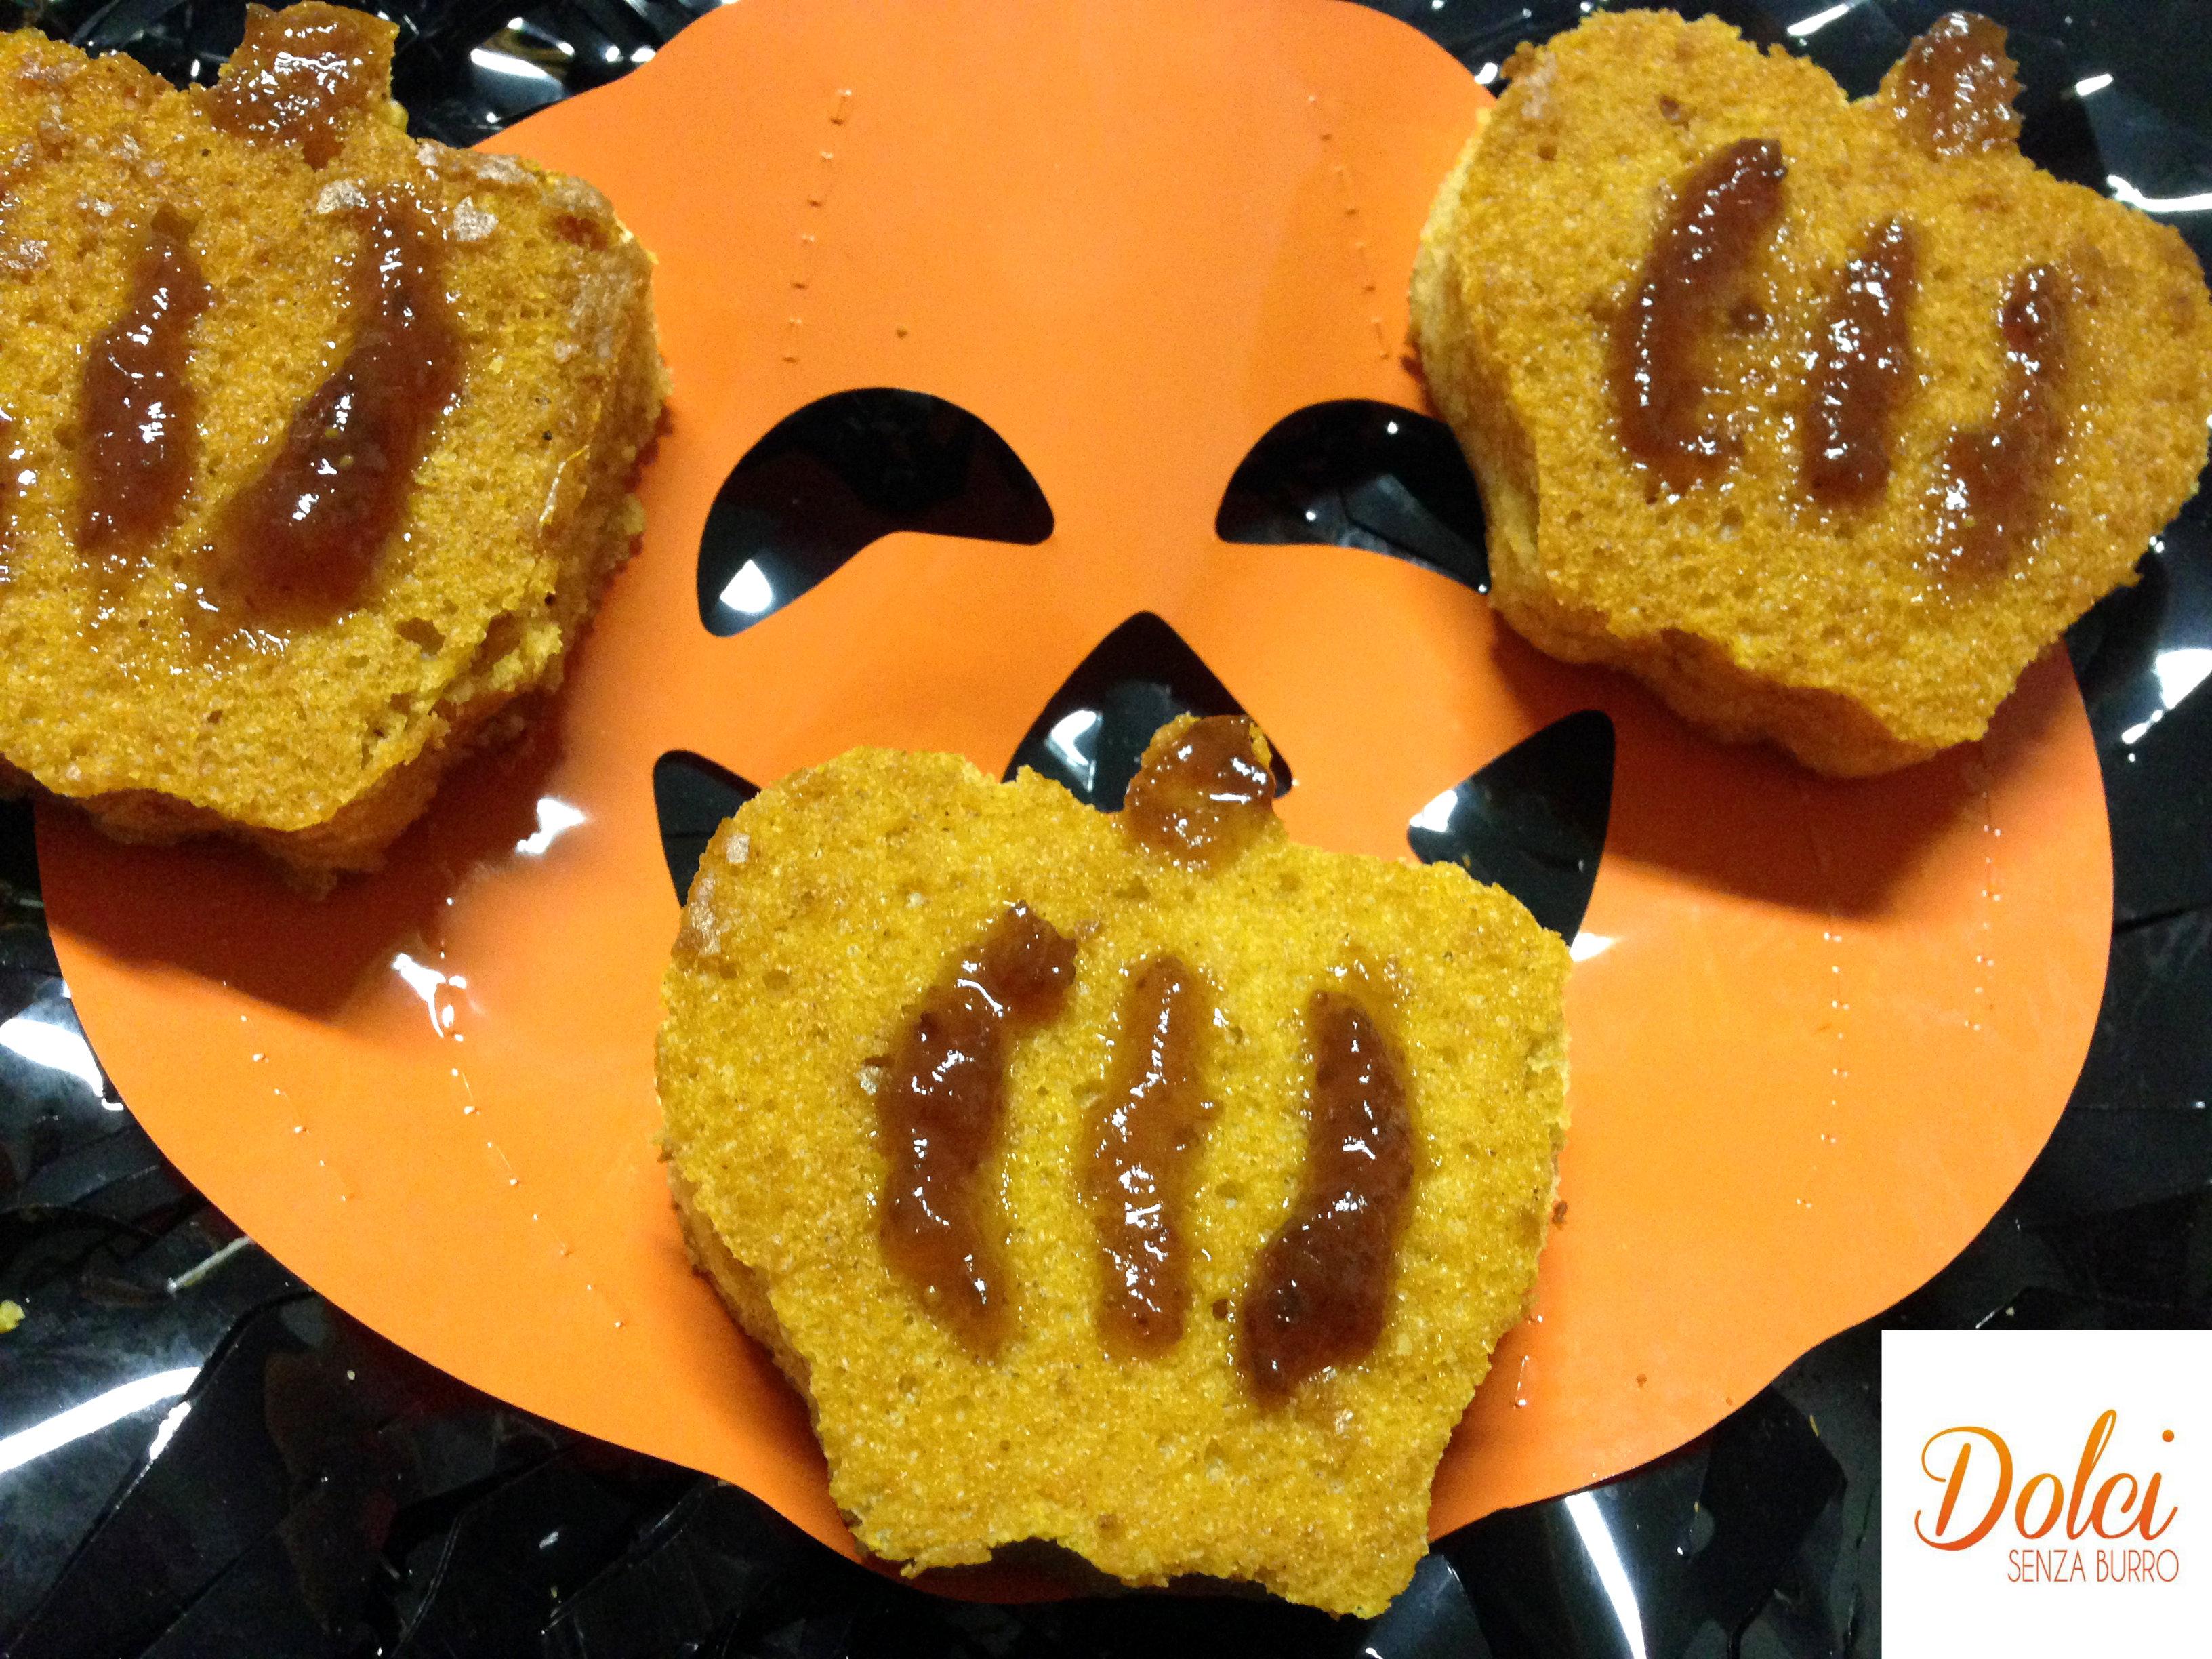 Dolci di Halloween, il dolce alla zucca di Zucche stregate - Dolci Senza Burro